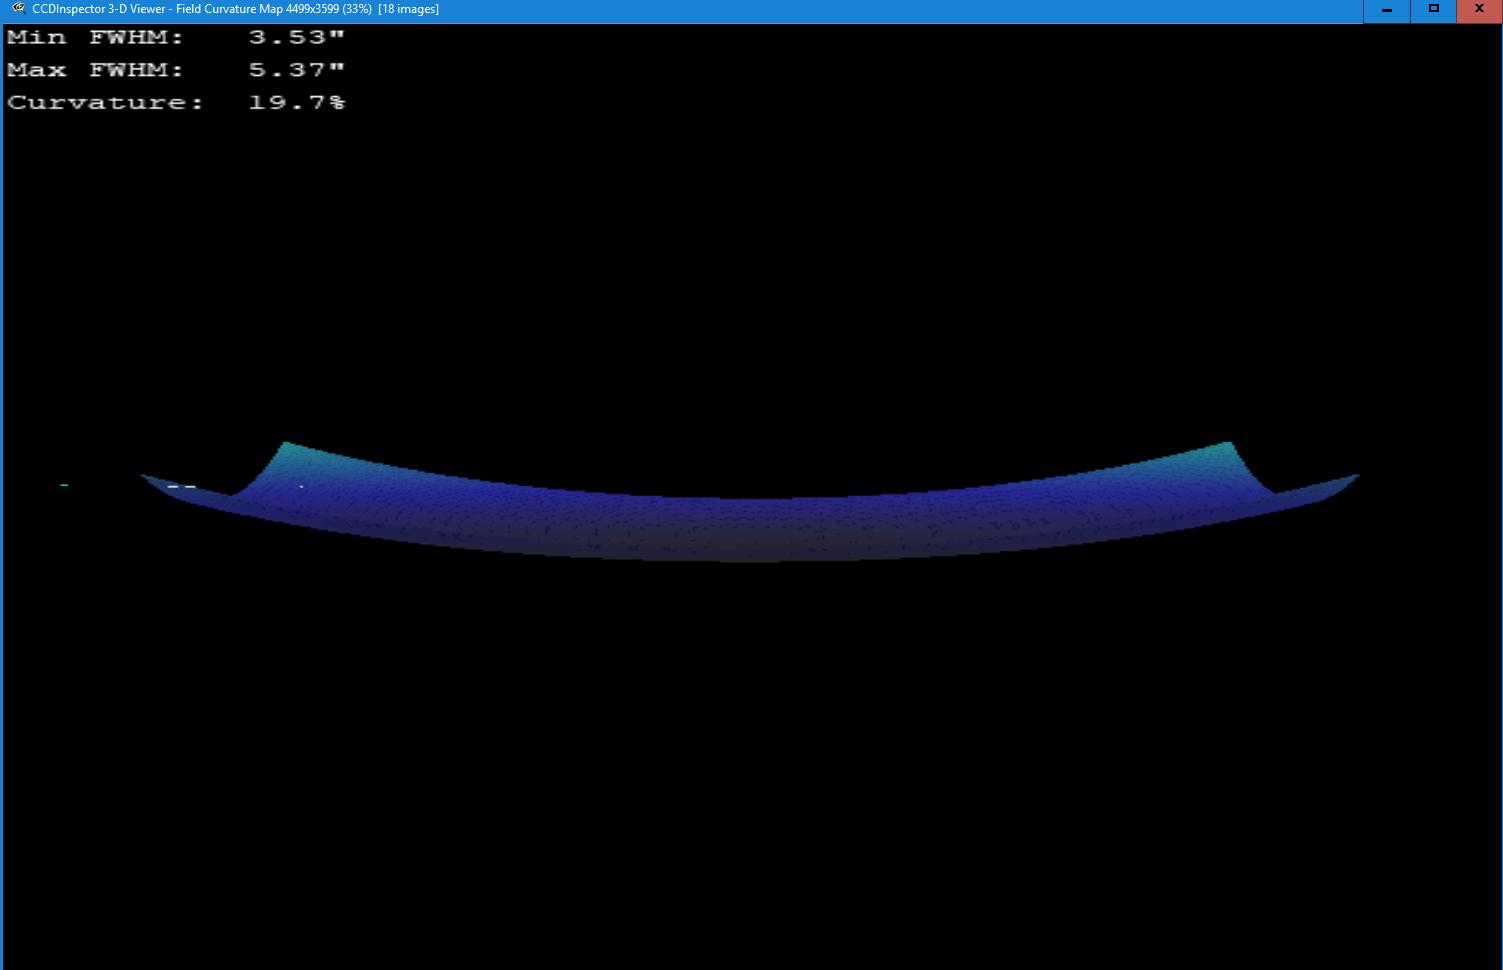 tsa102-atik16200-curvature2.jpg.b65d977ecd4bf28d4fadbb2330cf9b35.jpg